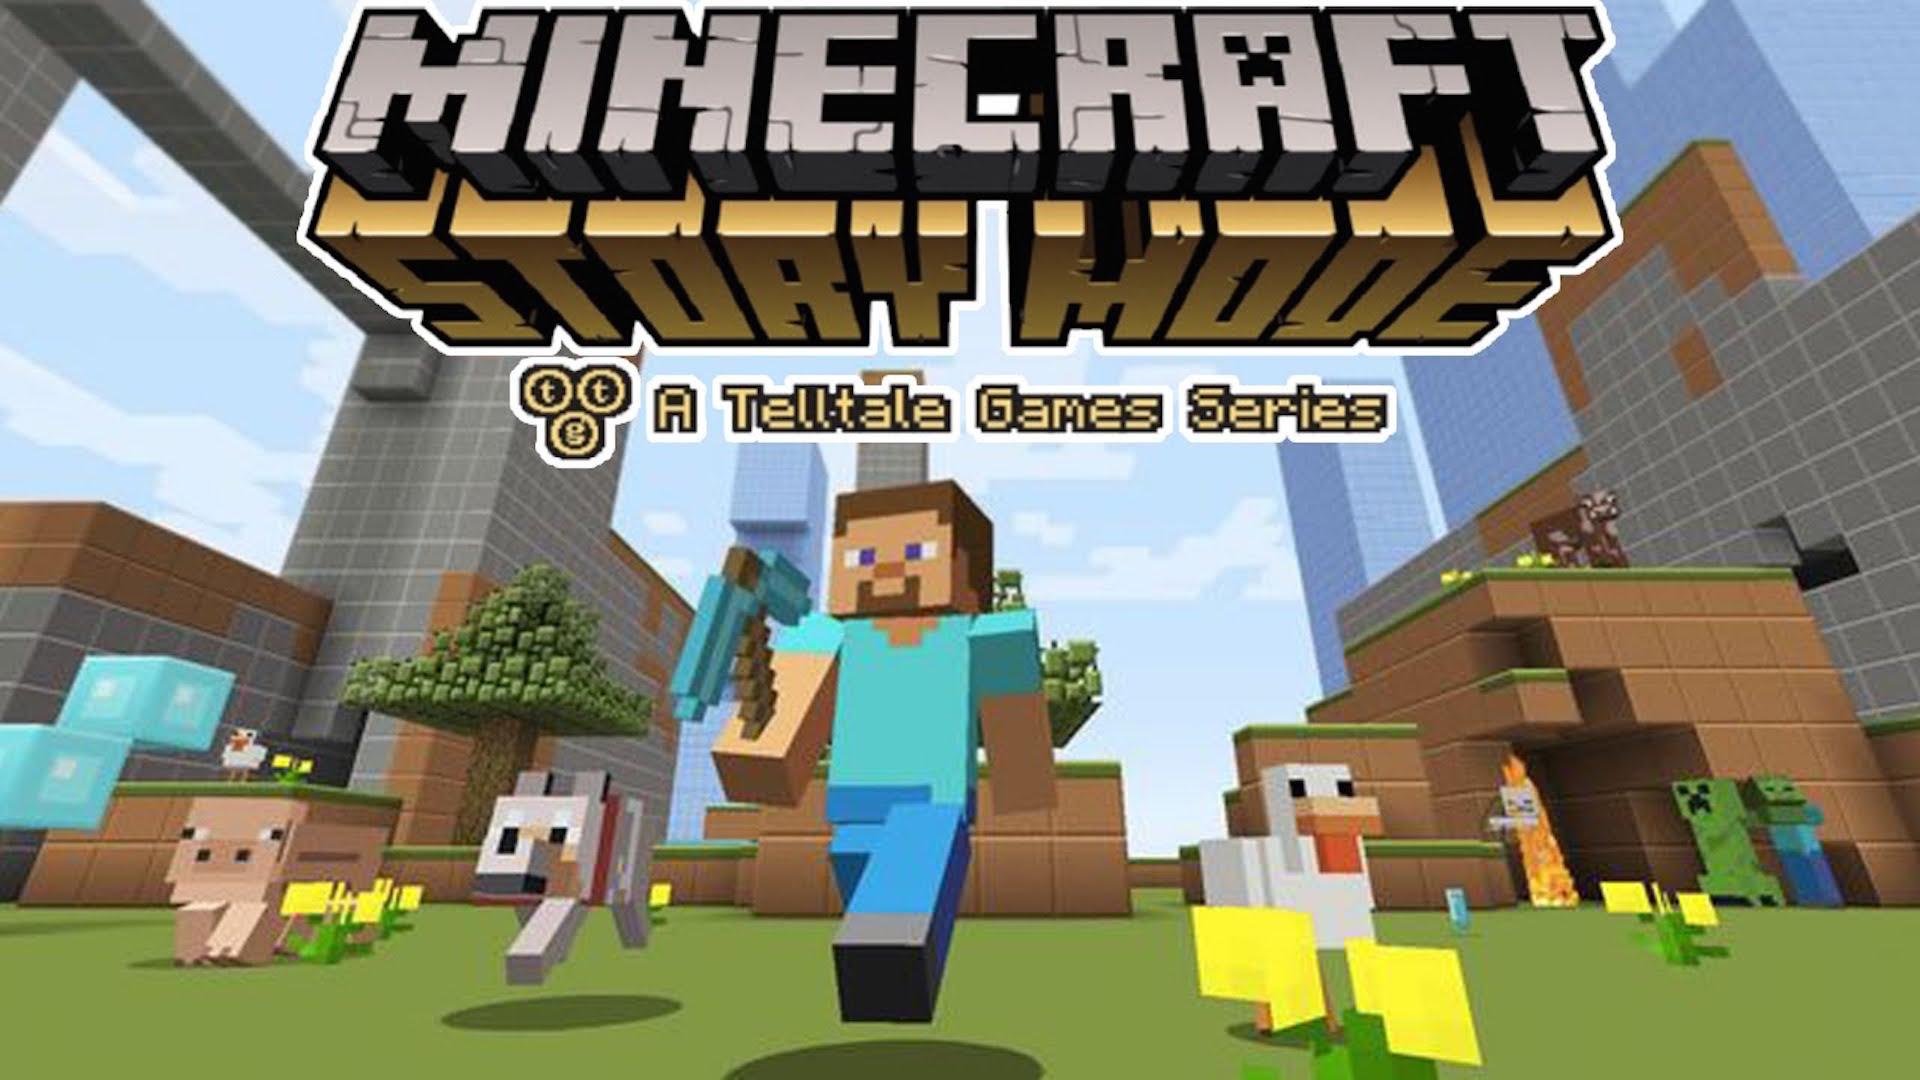 MinecraftKosten Der Preis Ist Heiß GIGA - Minecraft kostenlos spielen auf handy